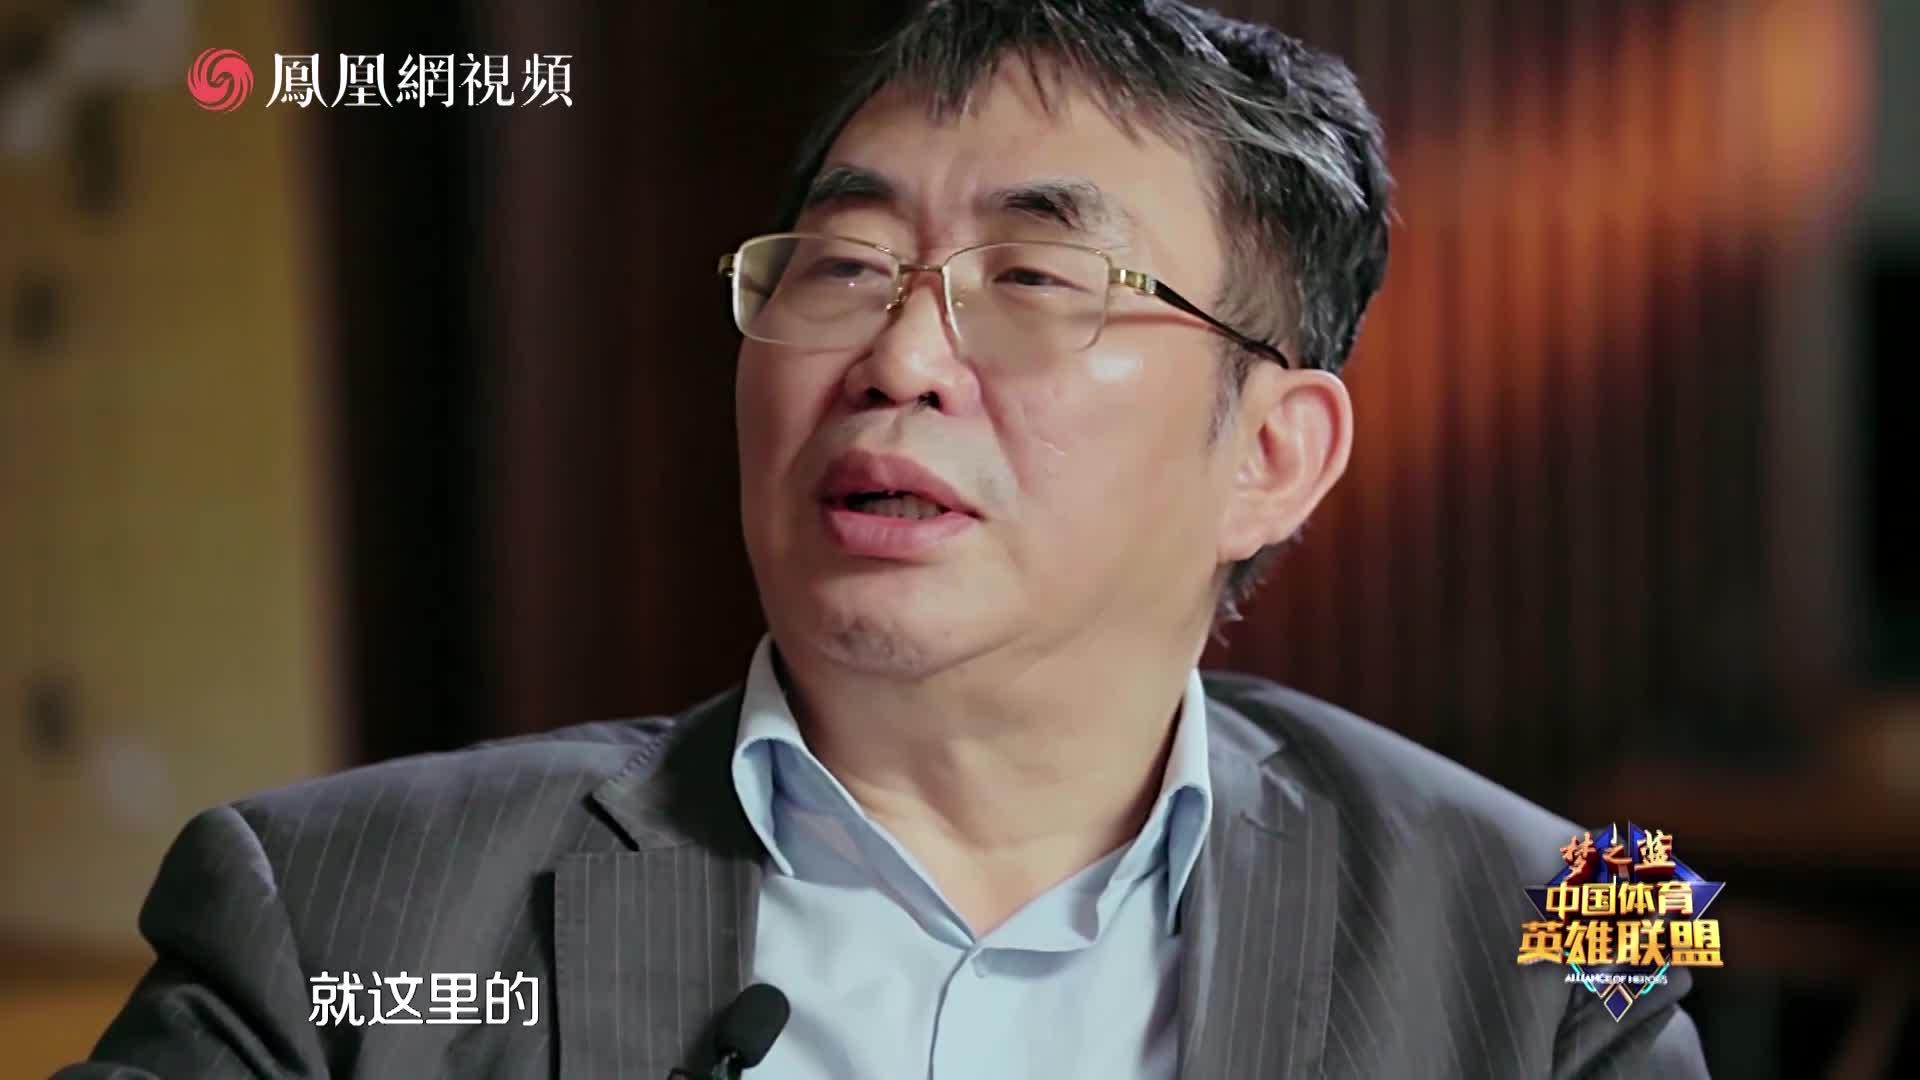 柯洁围棋启蒙老师聂卫平:AI提高了整个世界的围棋水平